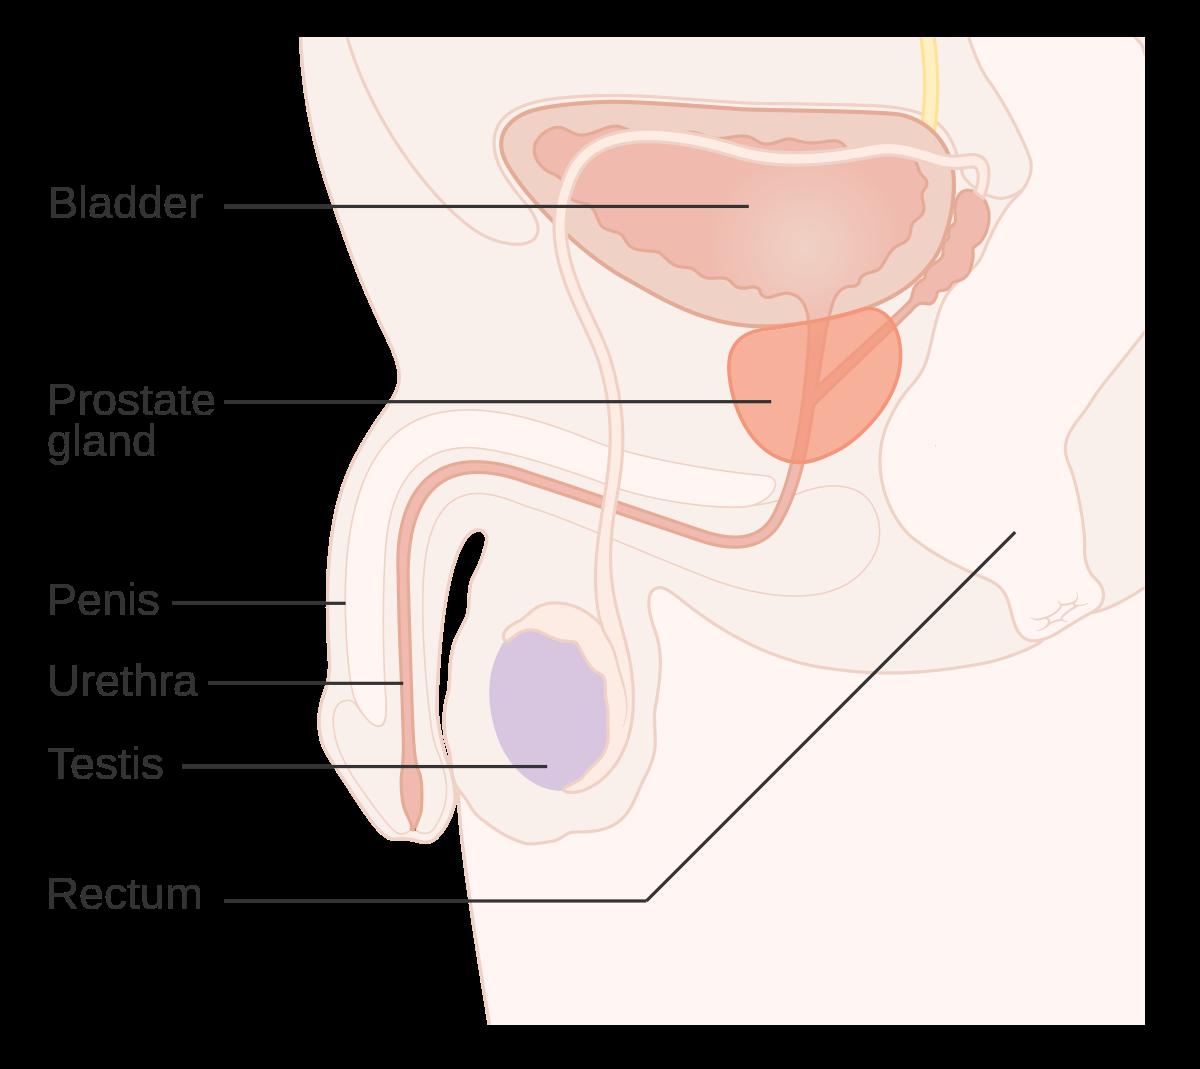 hpv virus prostate cancer